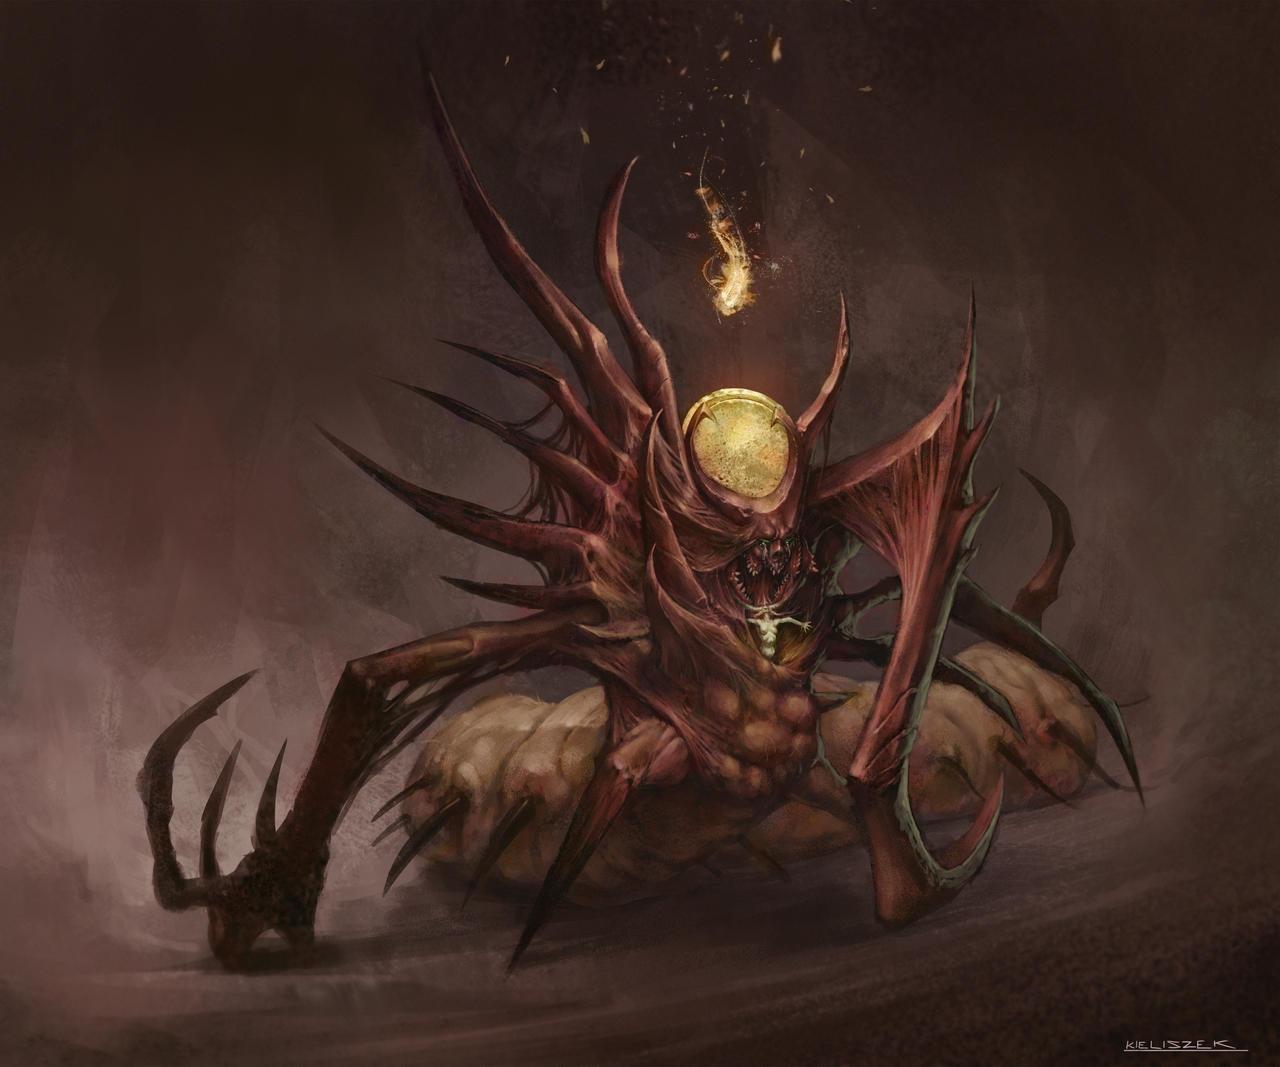 Lilith (Diablo III fanart)